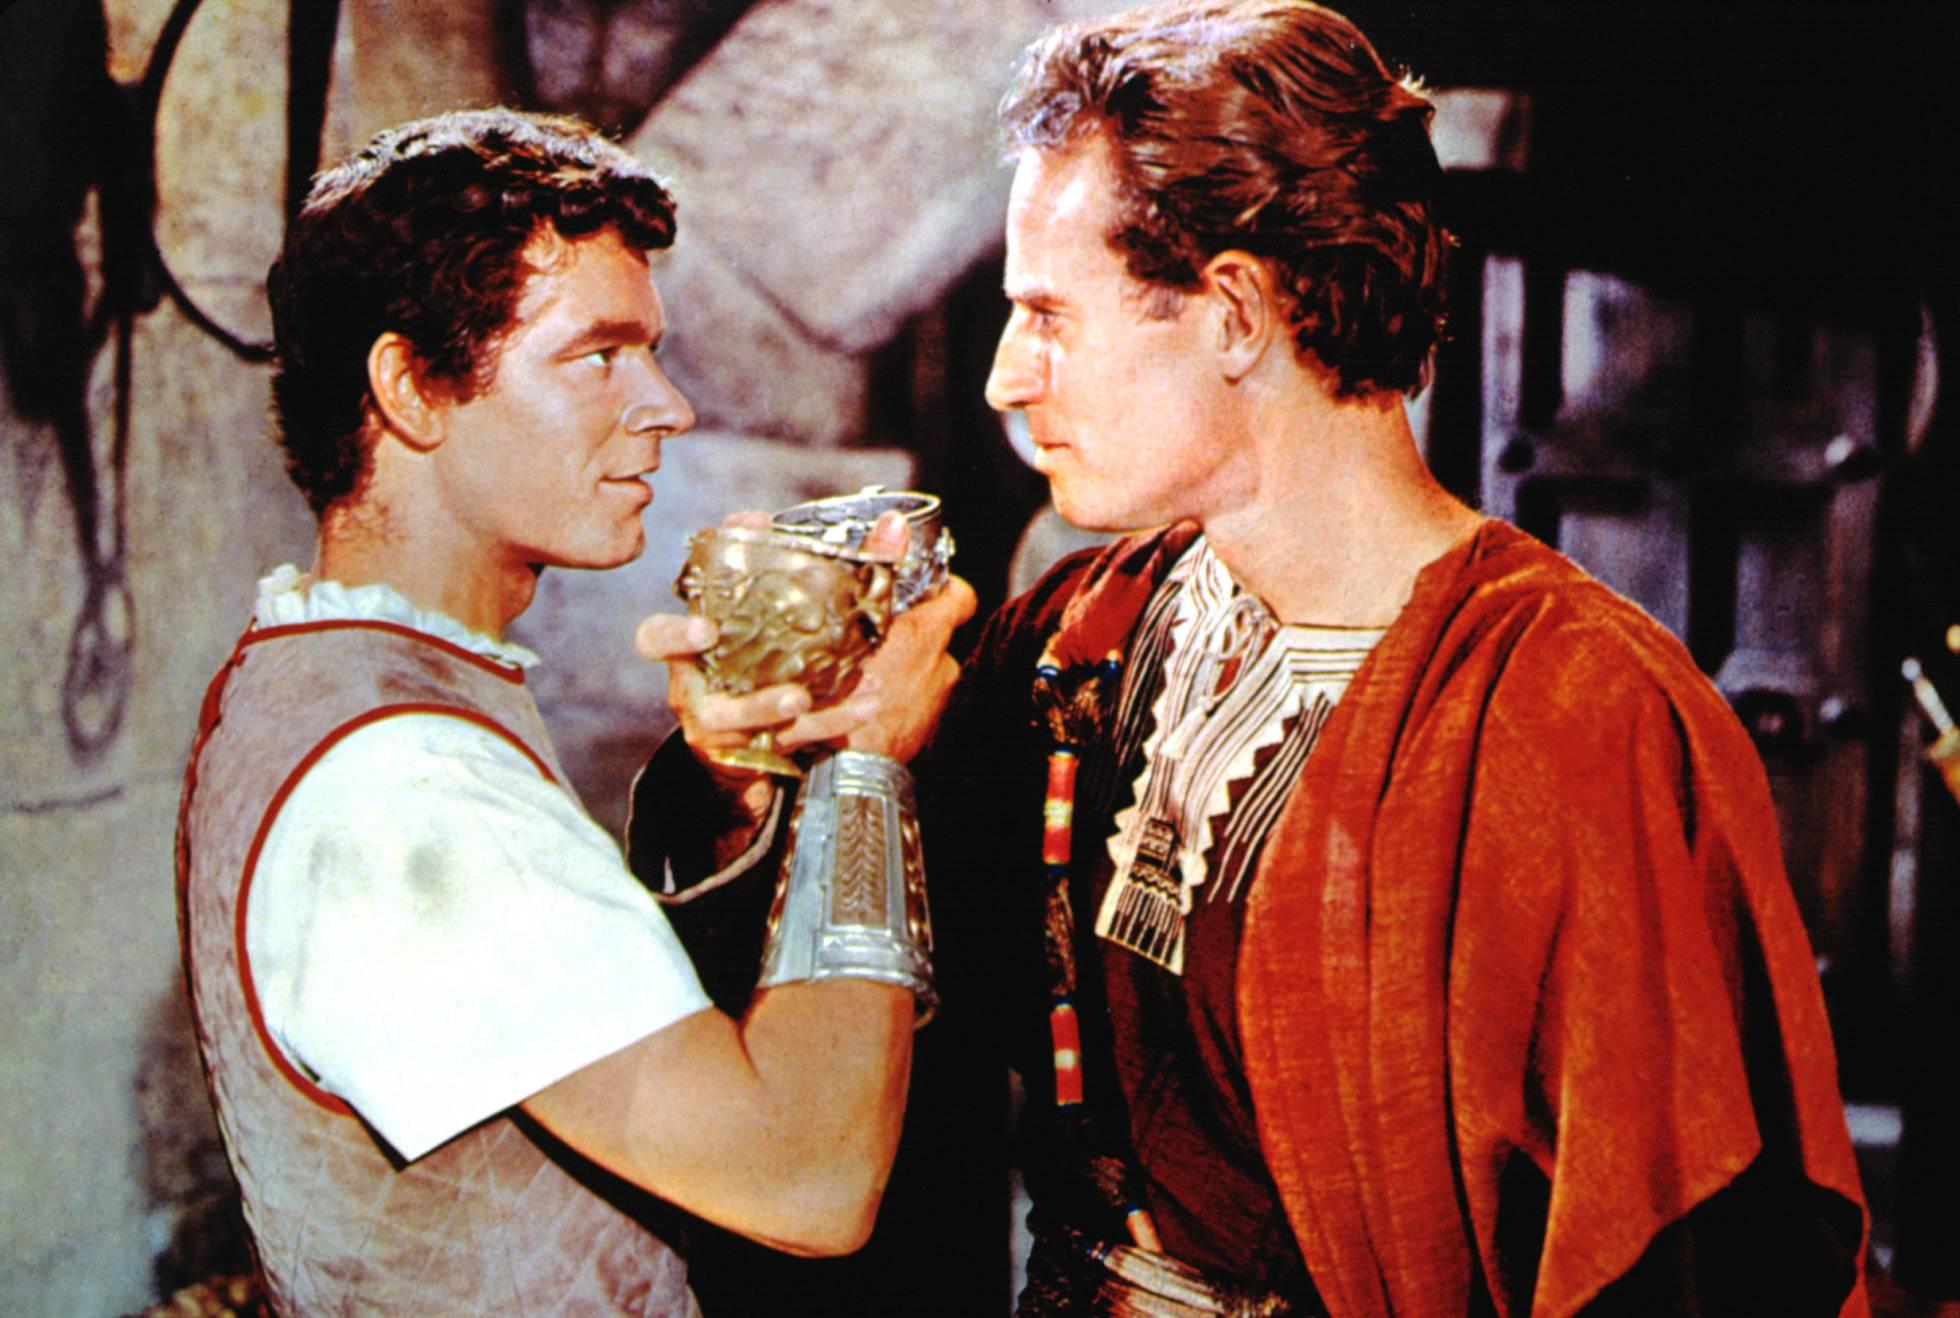 xudeu ben-hur e massala romana, unha rivalidade con tensión sexual.